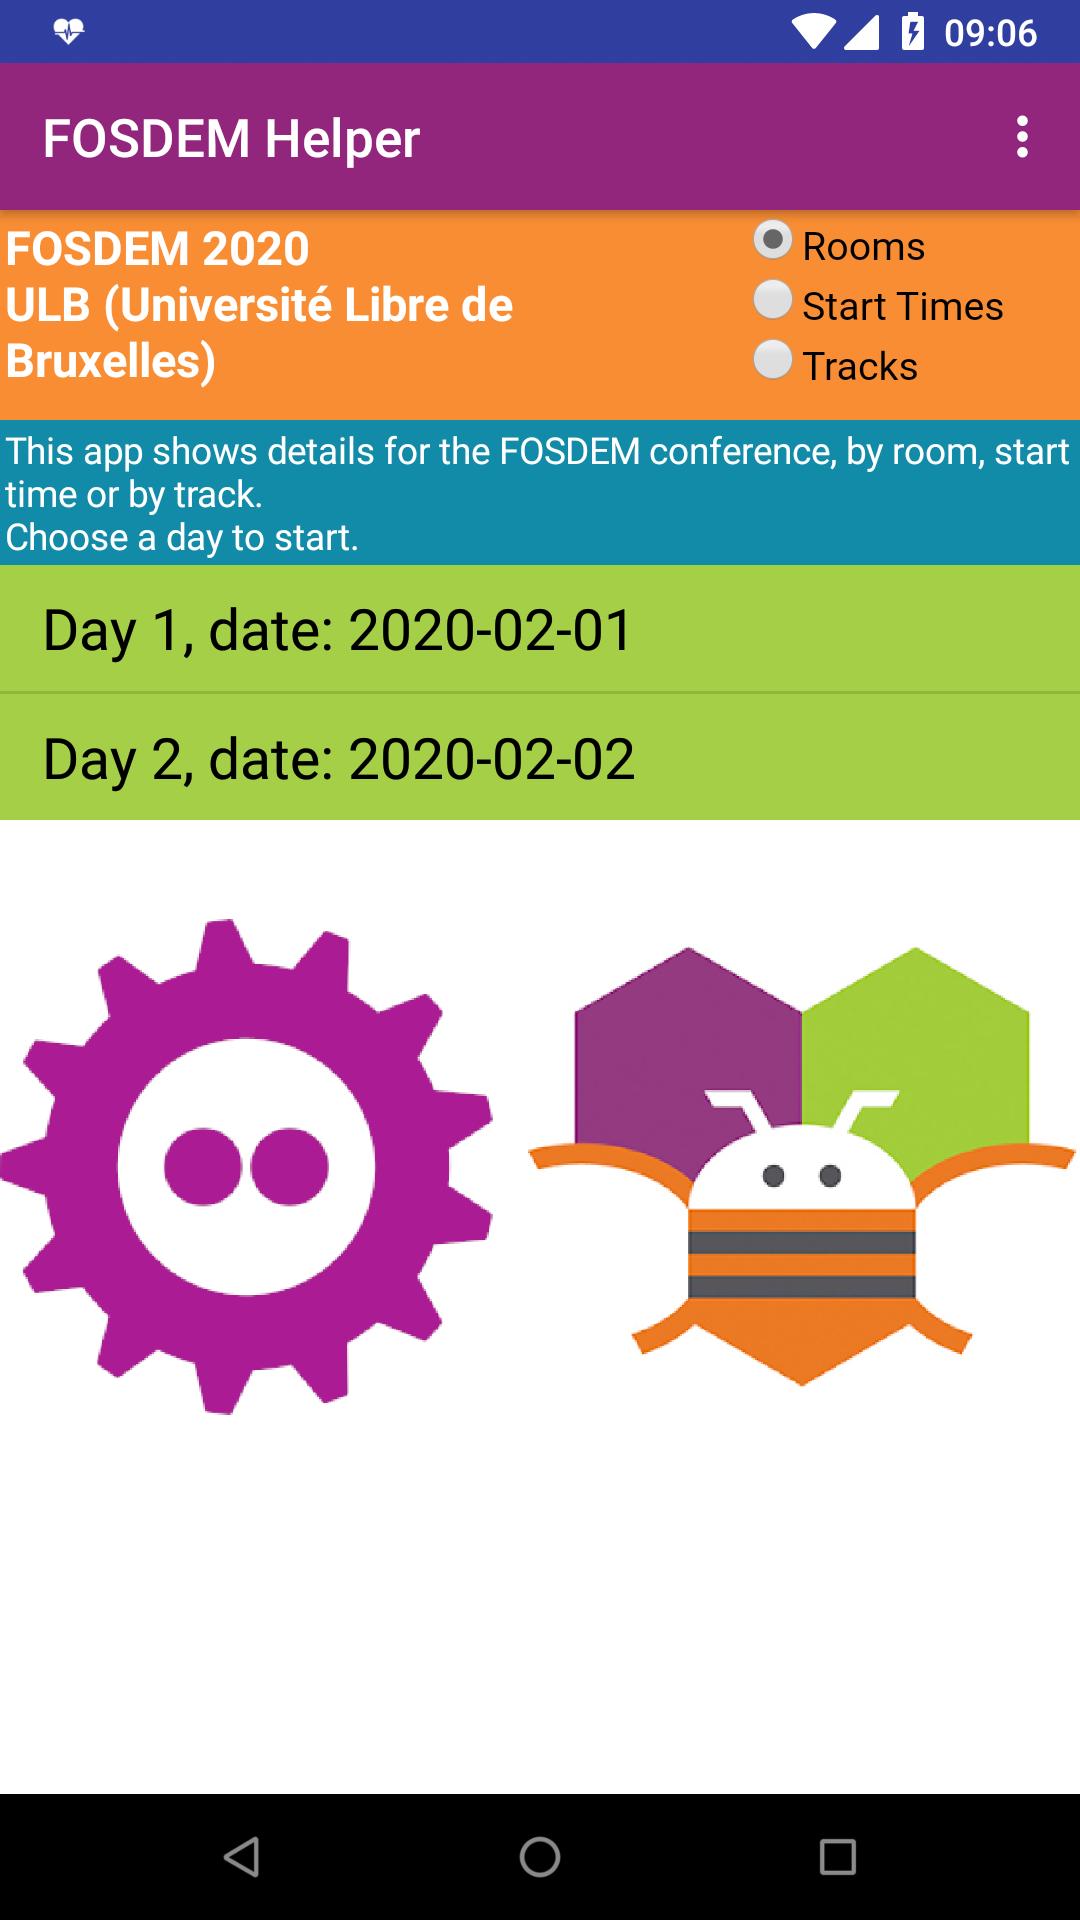 FOSDEM app main screen